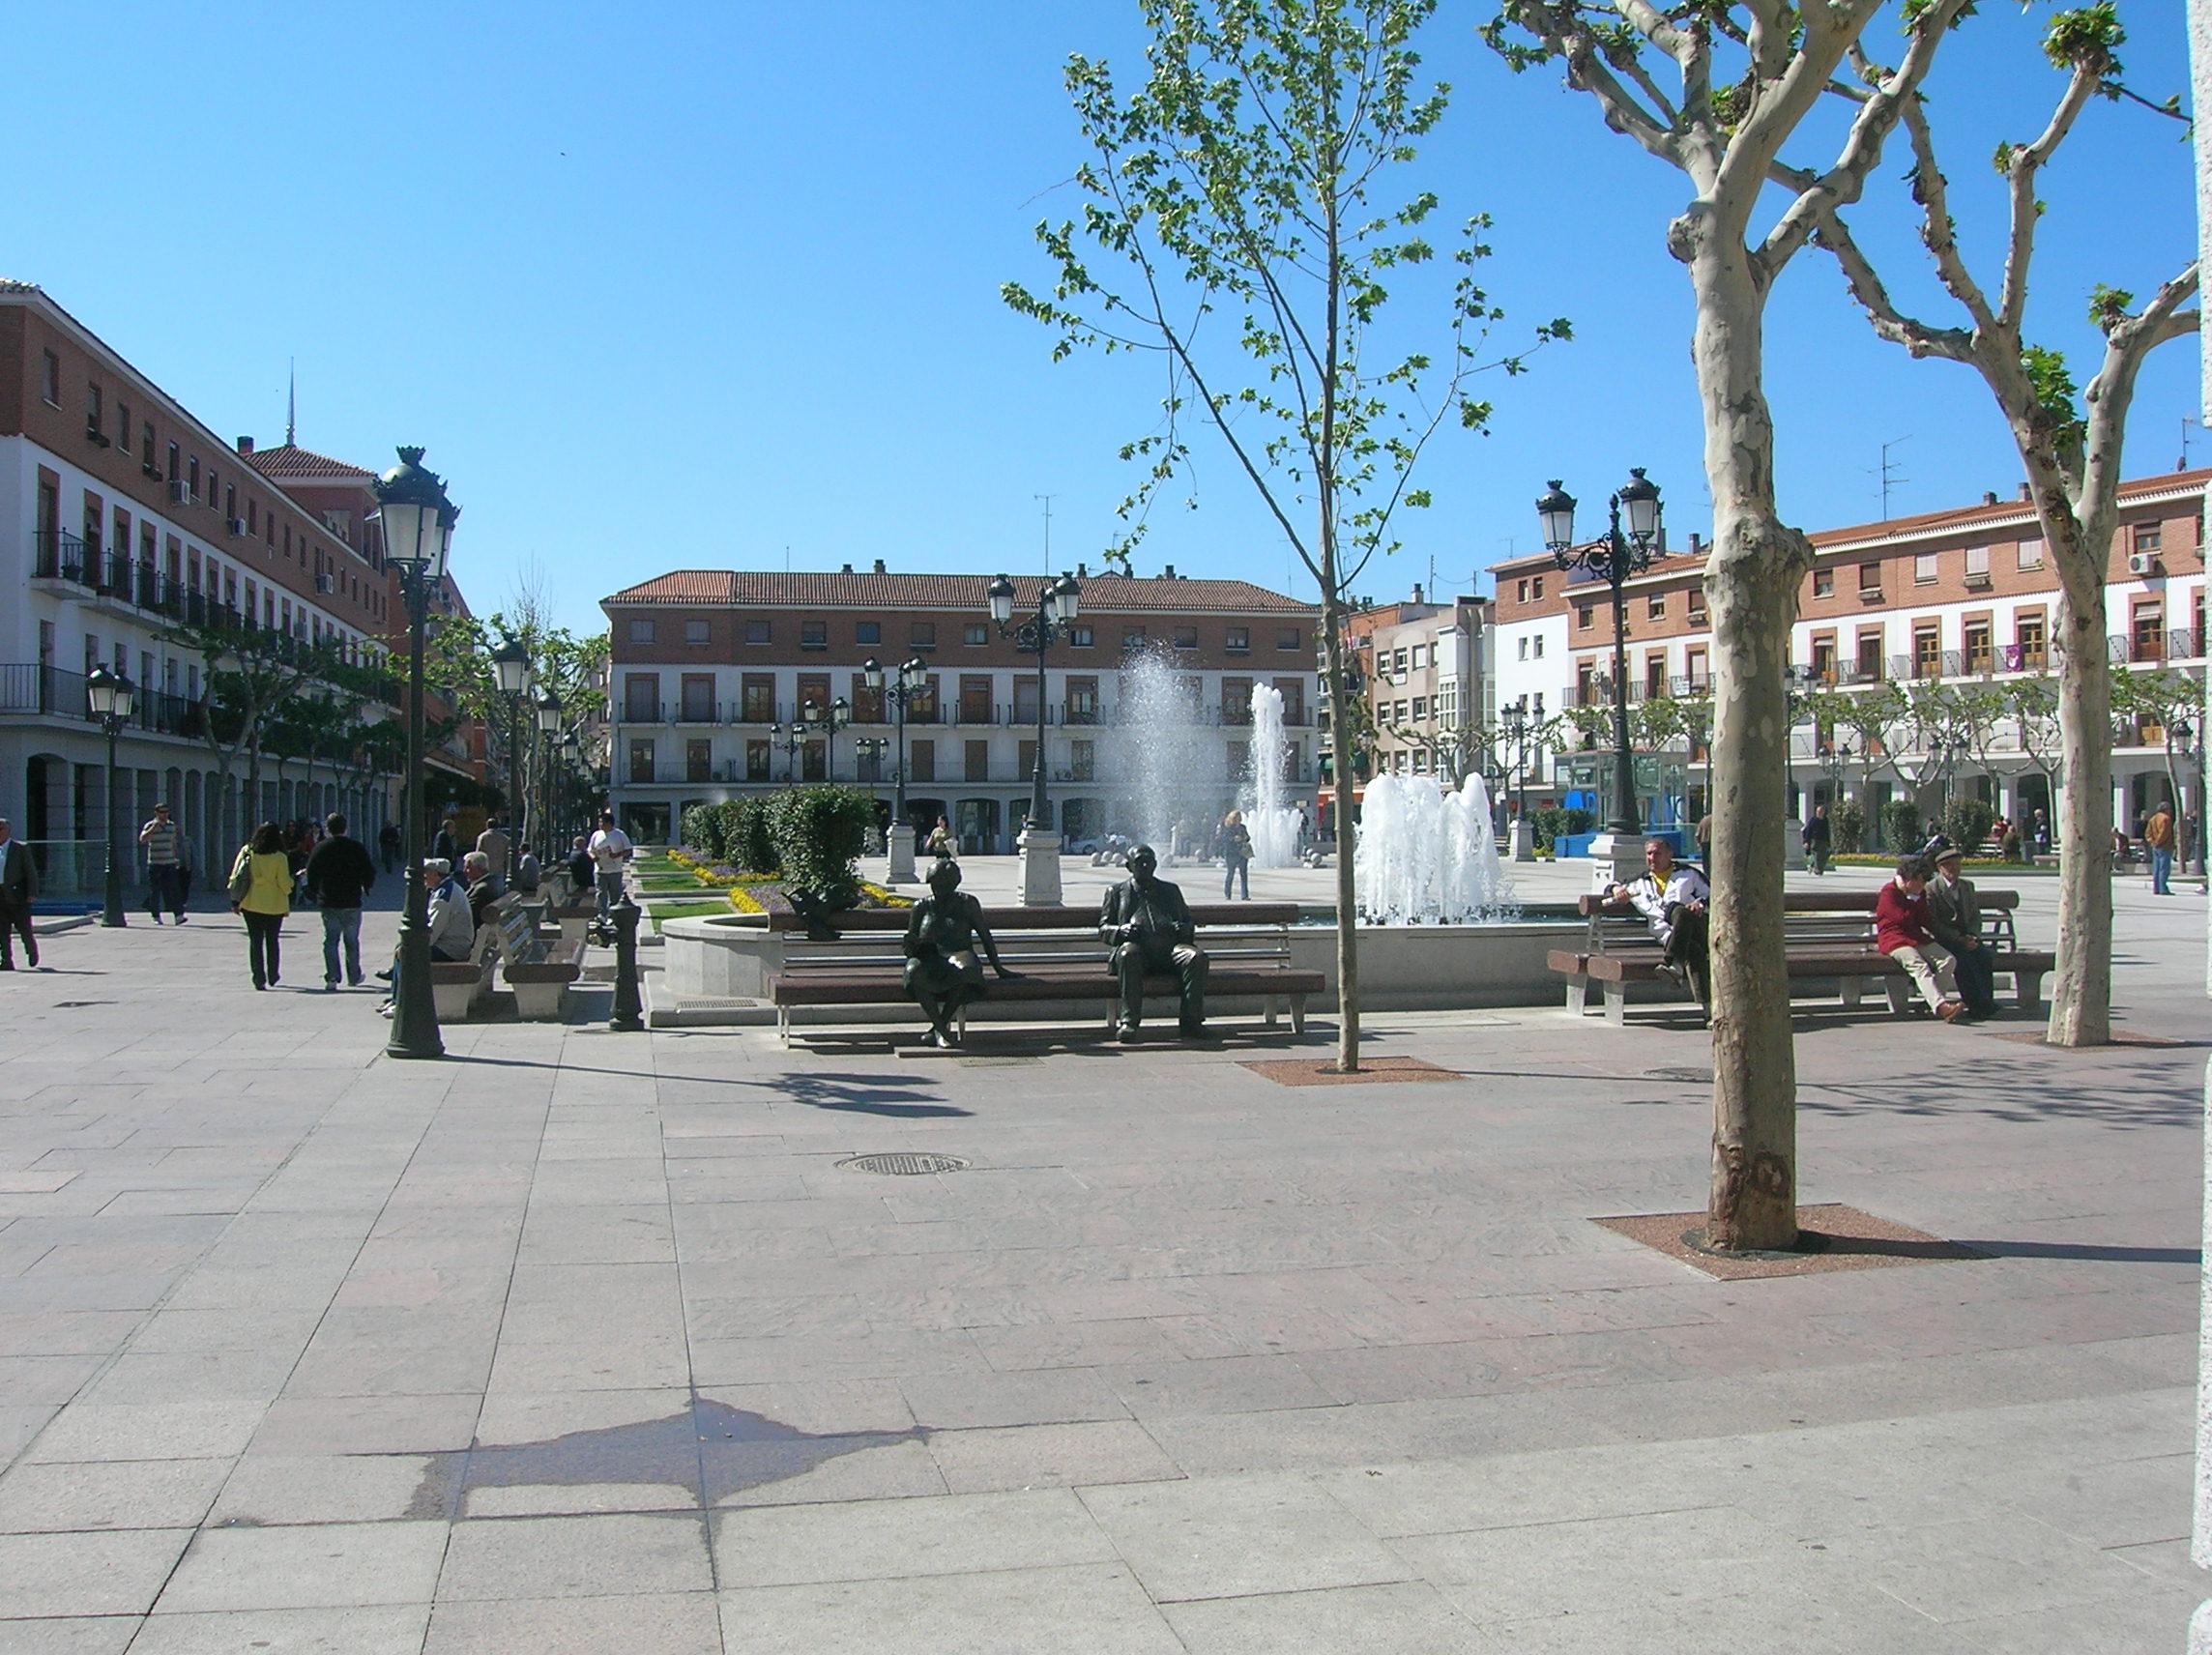 Dosiero plaza mayor de torrej n jpg vikipedio - Chalet torrejon de ardoz ...